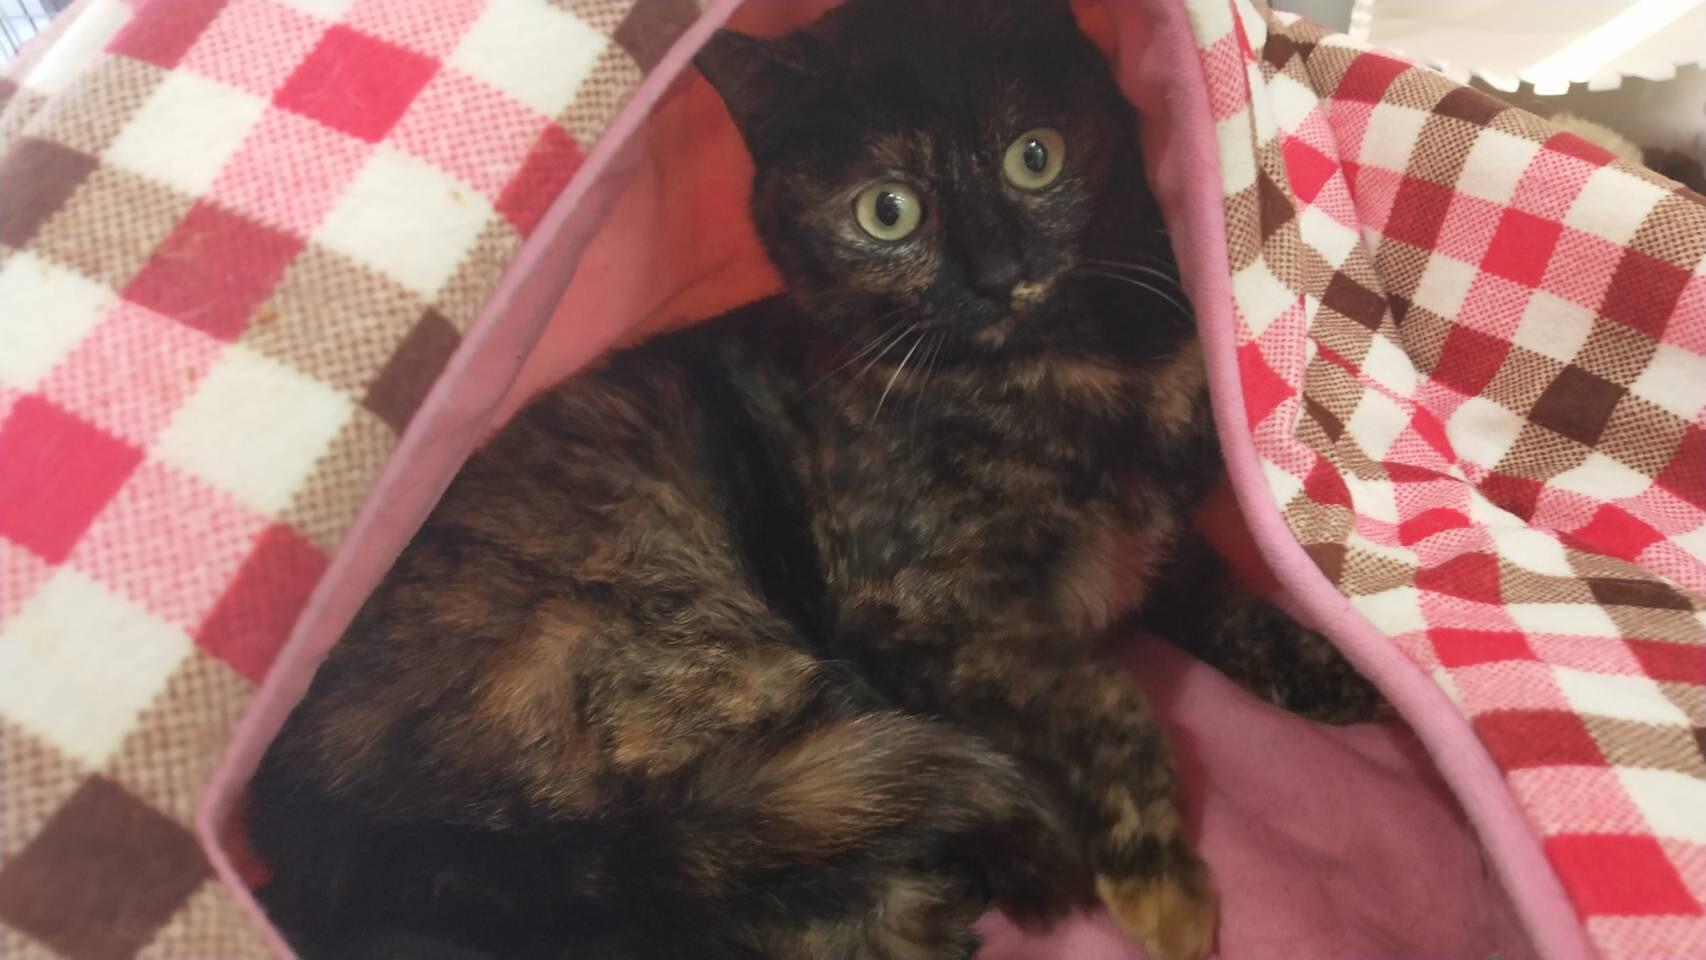 <ul> <li>I1-1</li> <li>猫種:日本猫 サビ猫</li> <li>性別:女の子</li> <li>名前:マゴ</li> <li>年齢:2歳</li> <li>保護経緯:里親さんを探して欲しいとのことで連れてこられました</li> </ul>